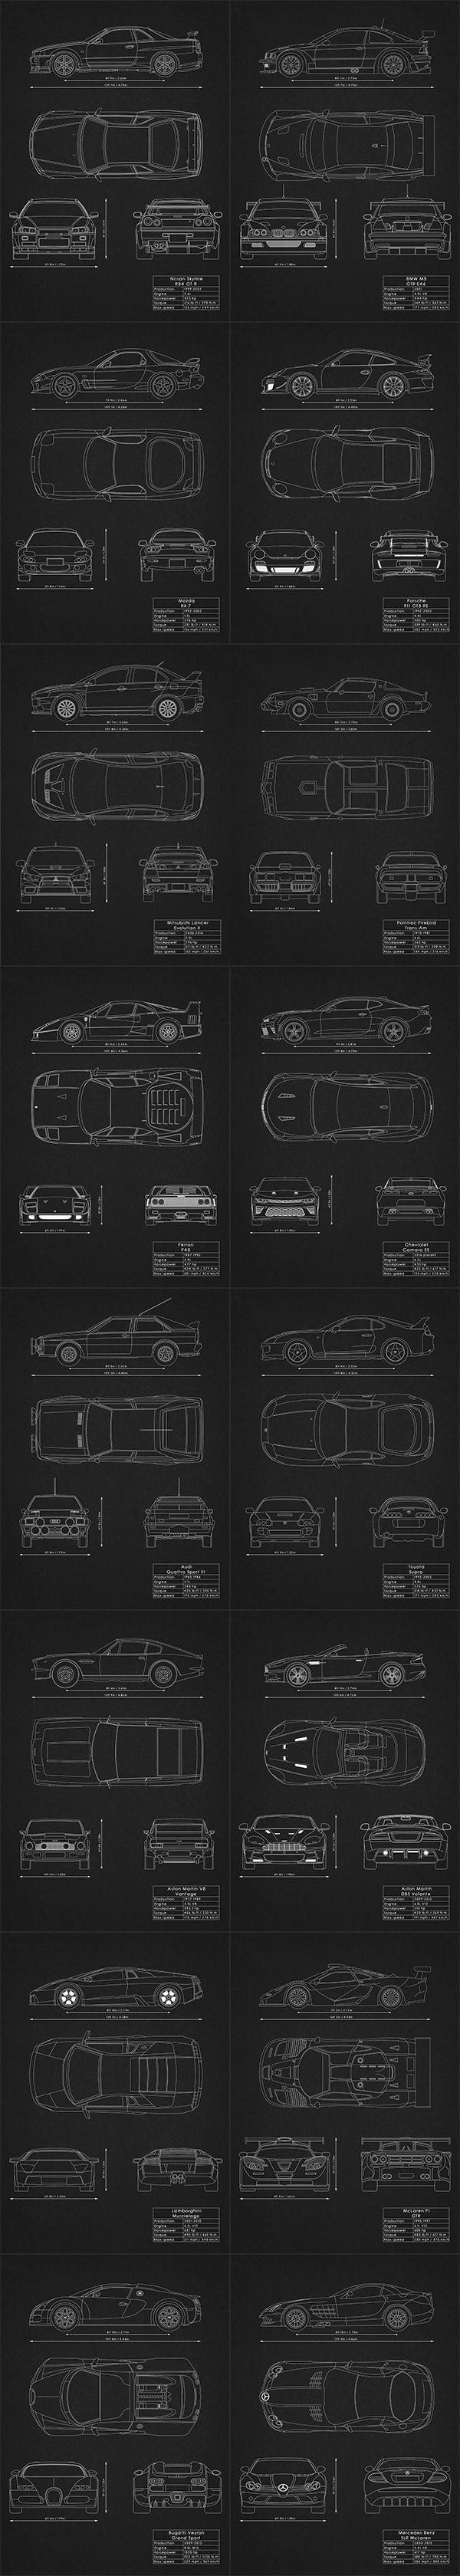 Automotive Blueprints | Automotive | Pinterest | Ferrari, BMW and Ford